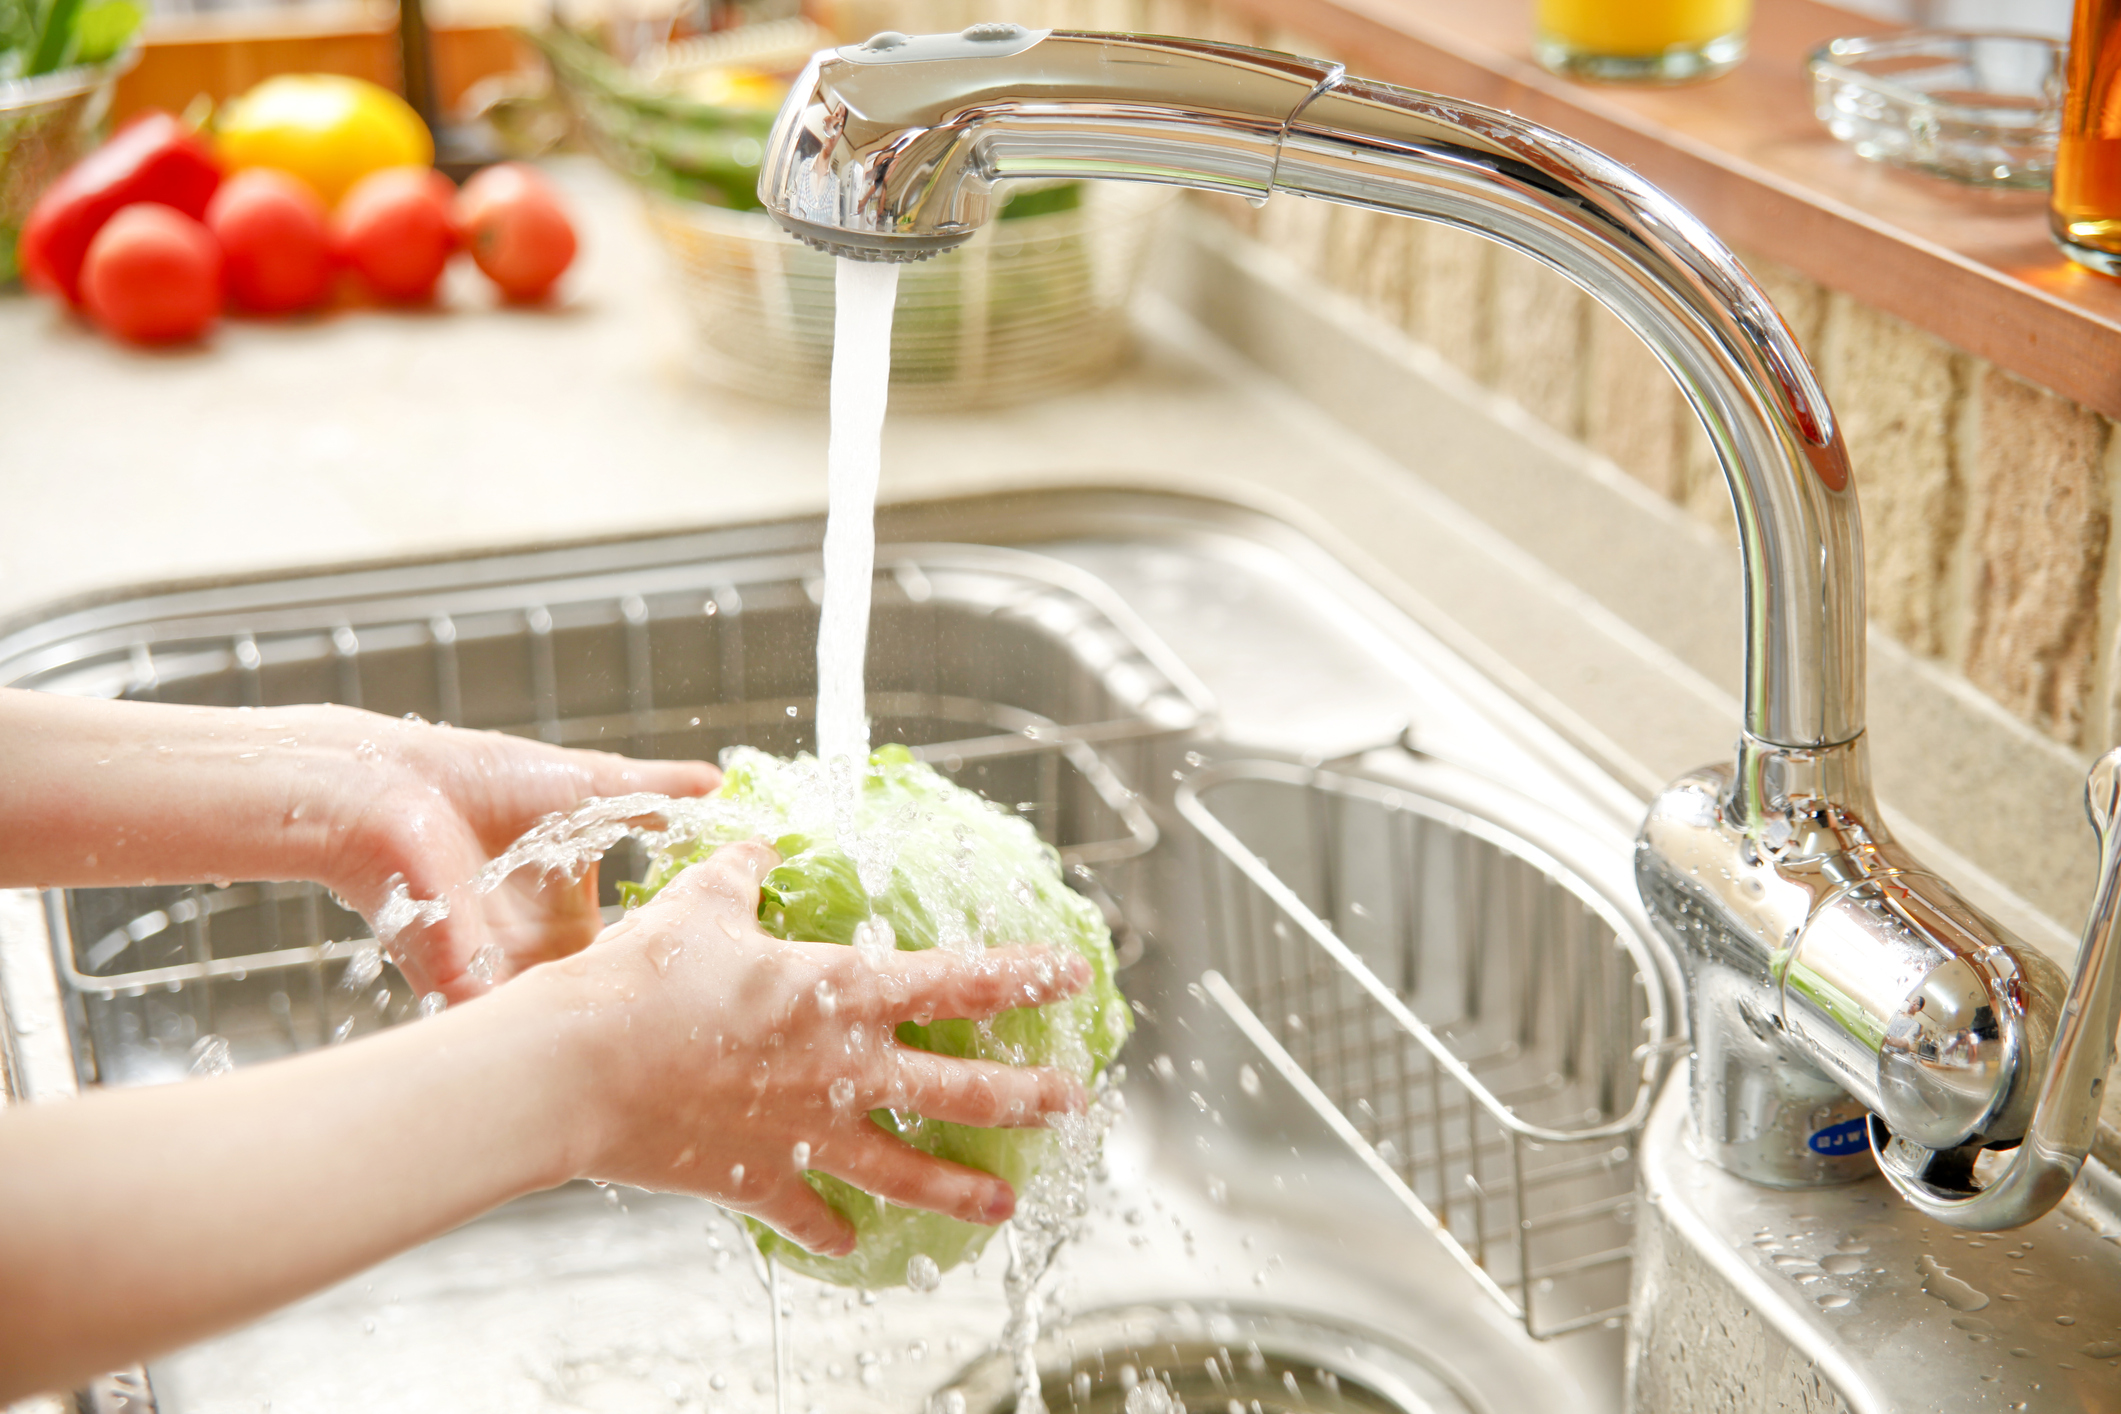 Мивката в кухнята - мийте я също по-често с препарат, който ще унищожи бактериите.